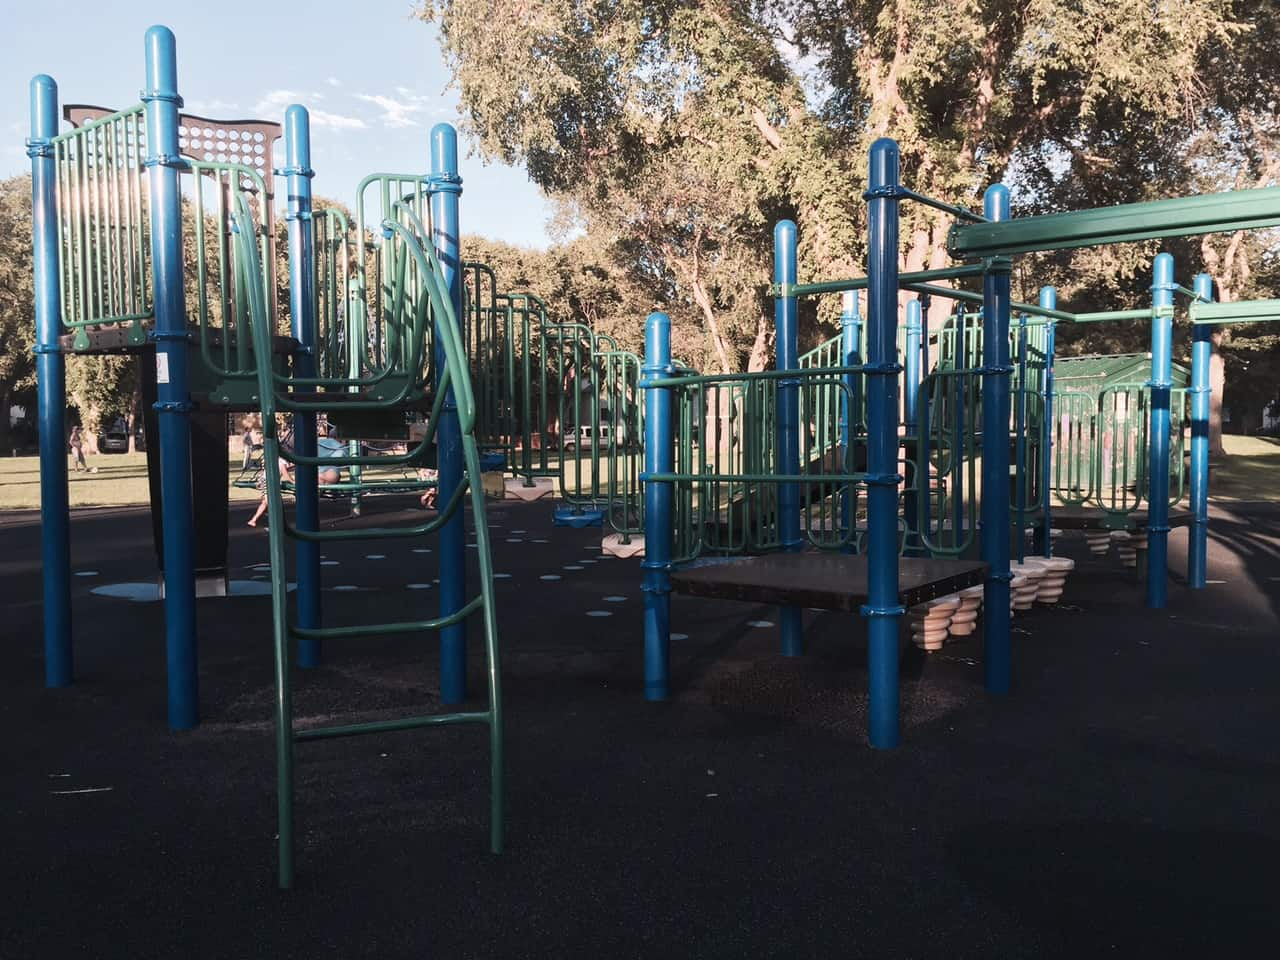 Giovanno Caboto Playground Downtown Edmonton